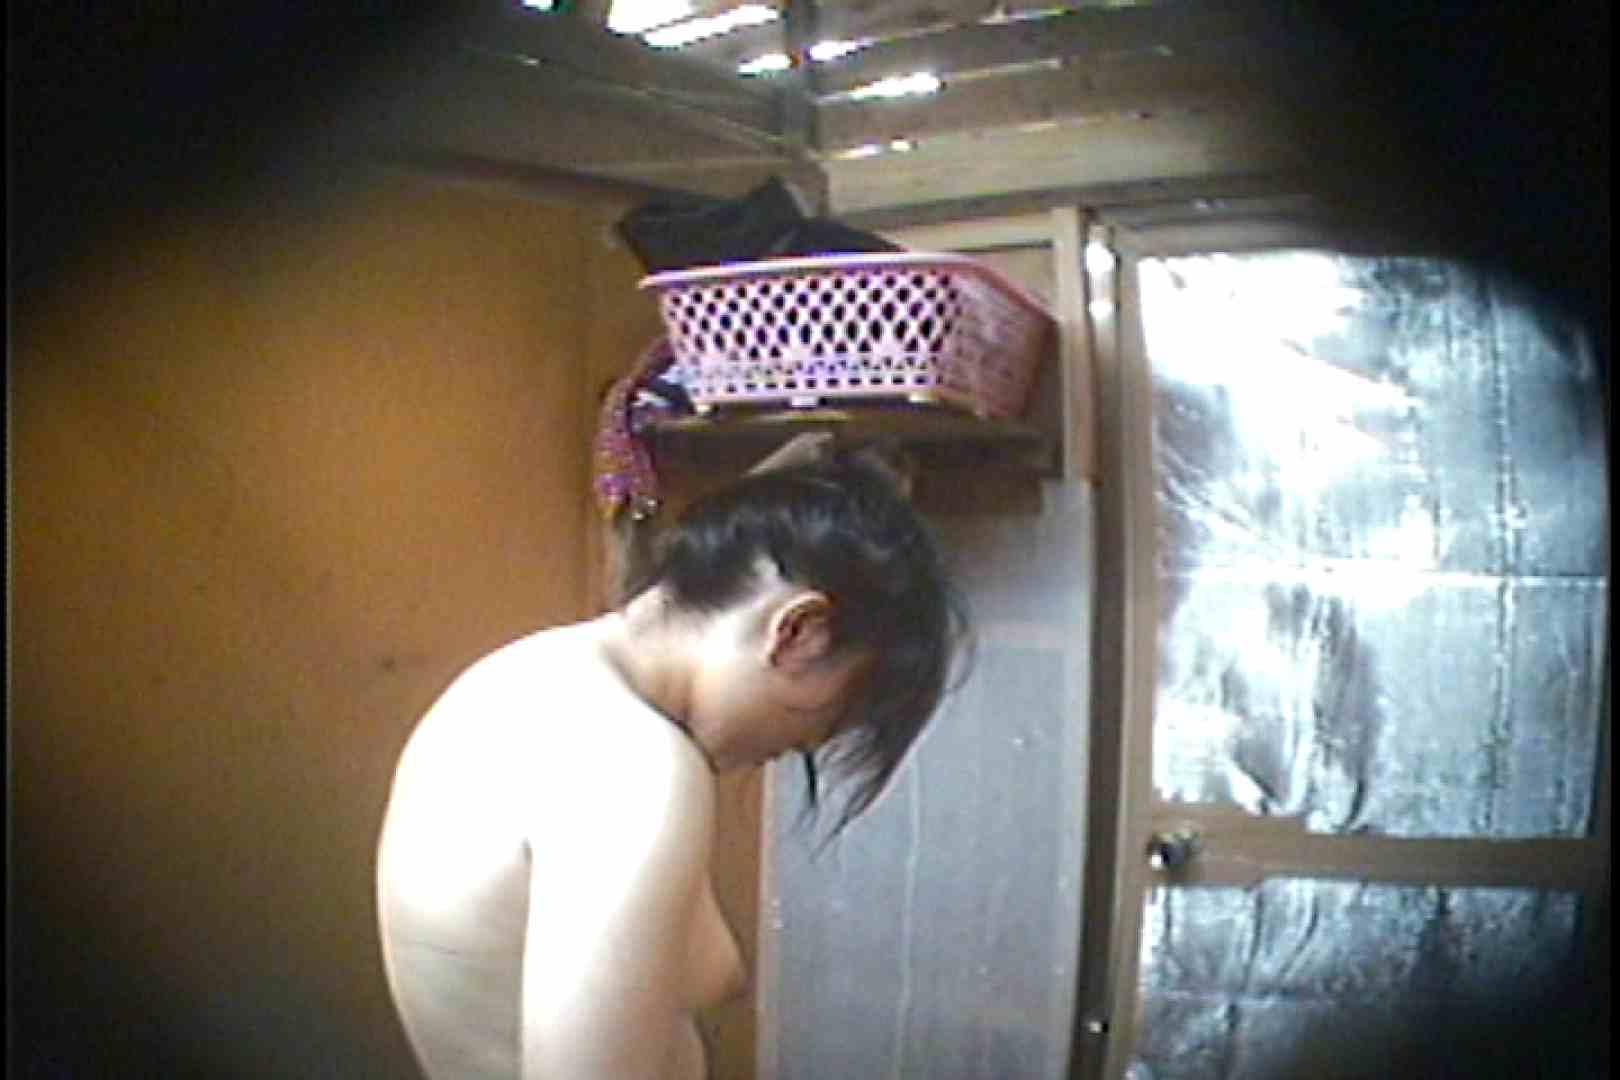 海の家の更衣室 Vol.37 シャワー 覗きおまんこ画像 75連発 44